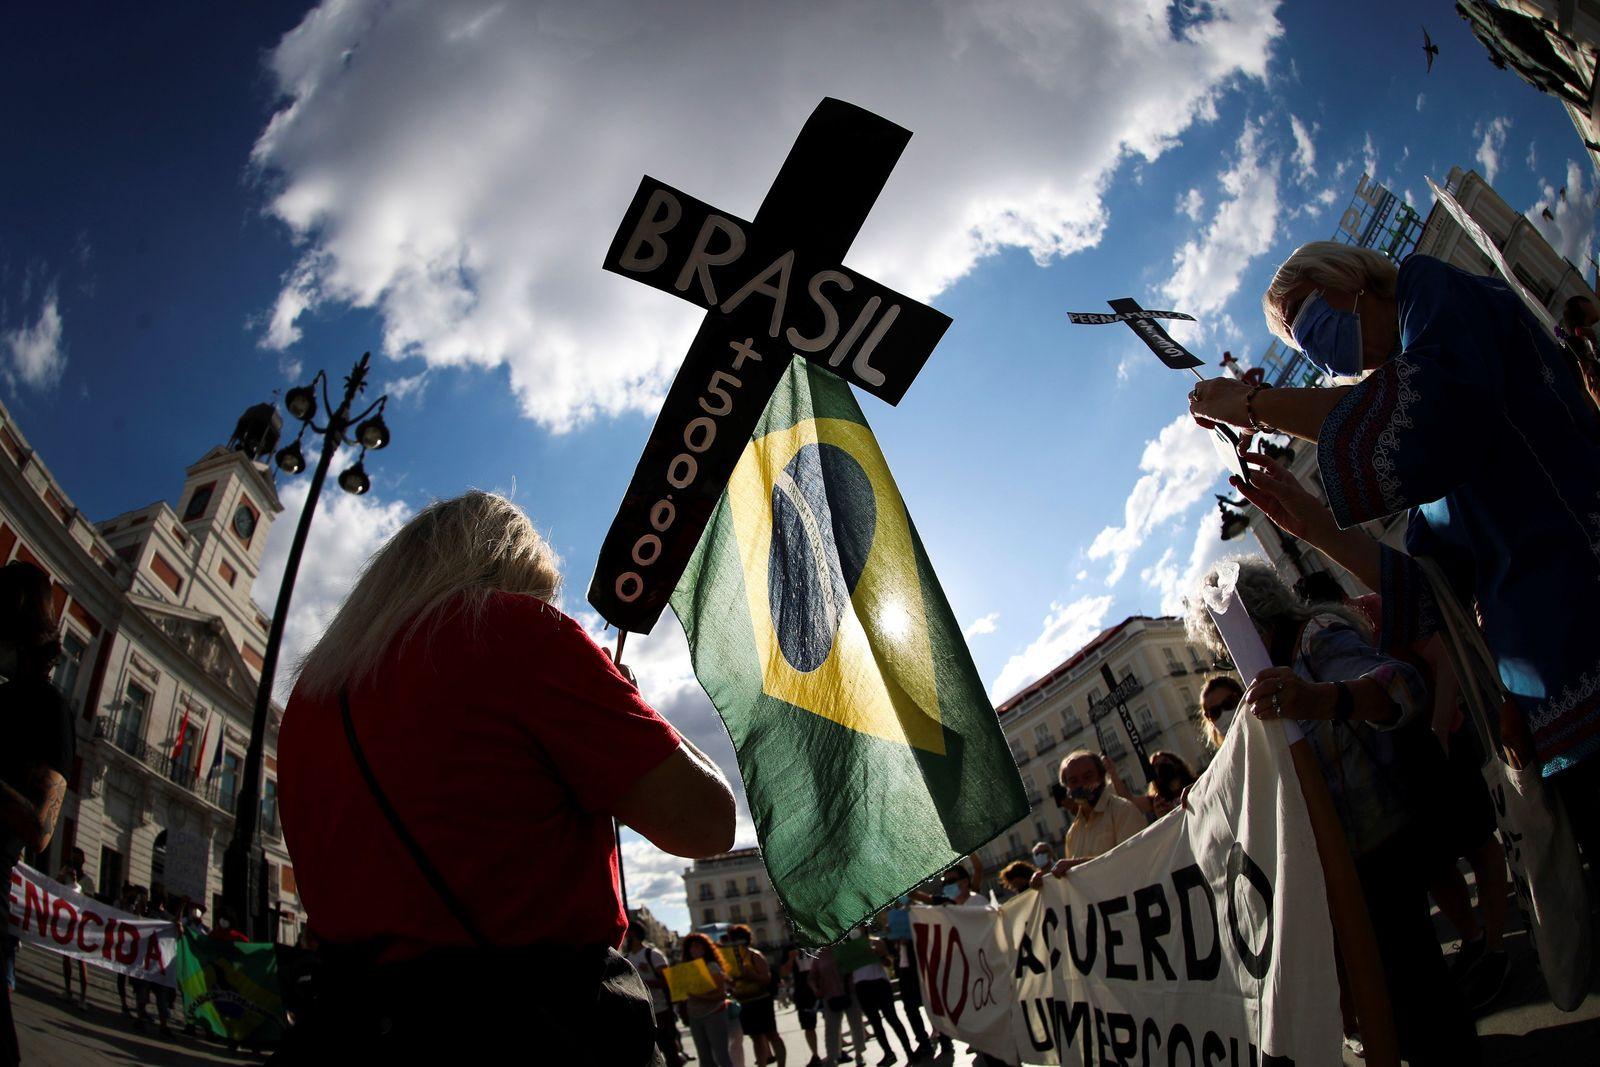 Demonstration against Brazil's president Jair Bolsonaro in Madrid